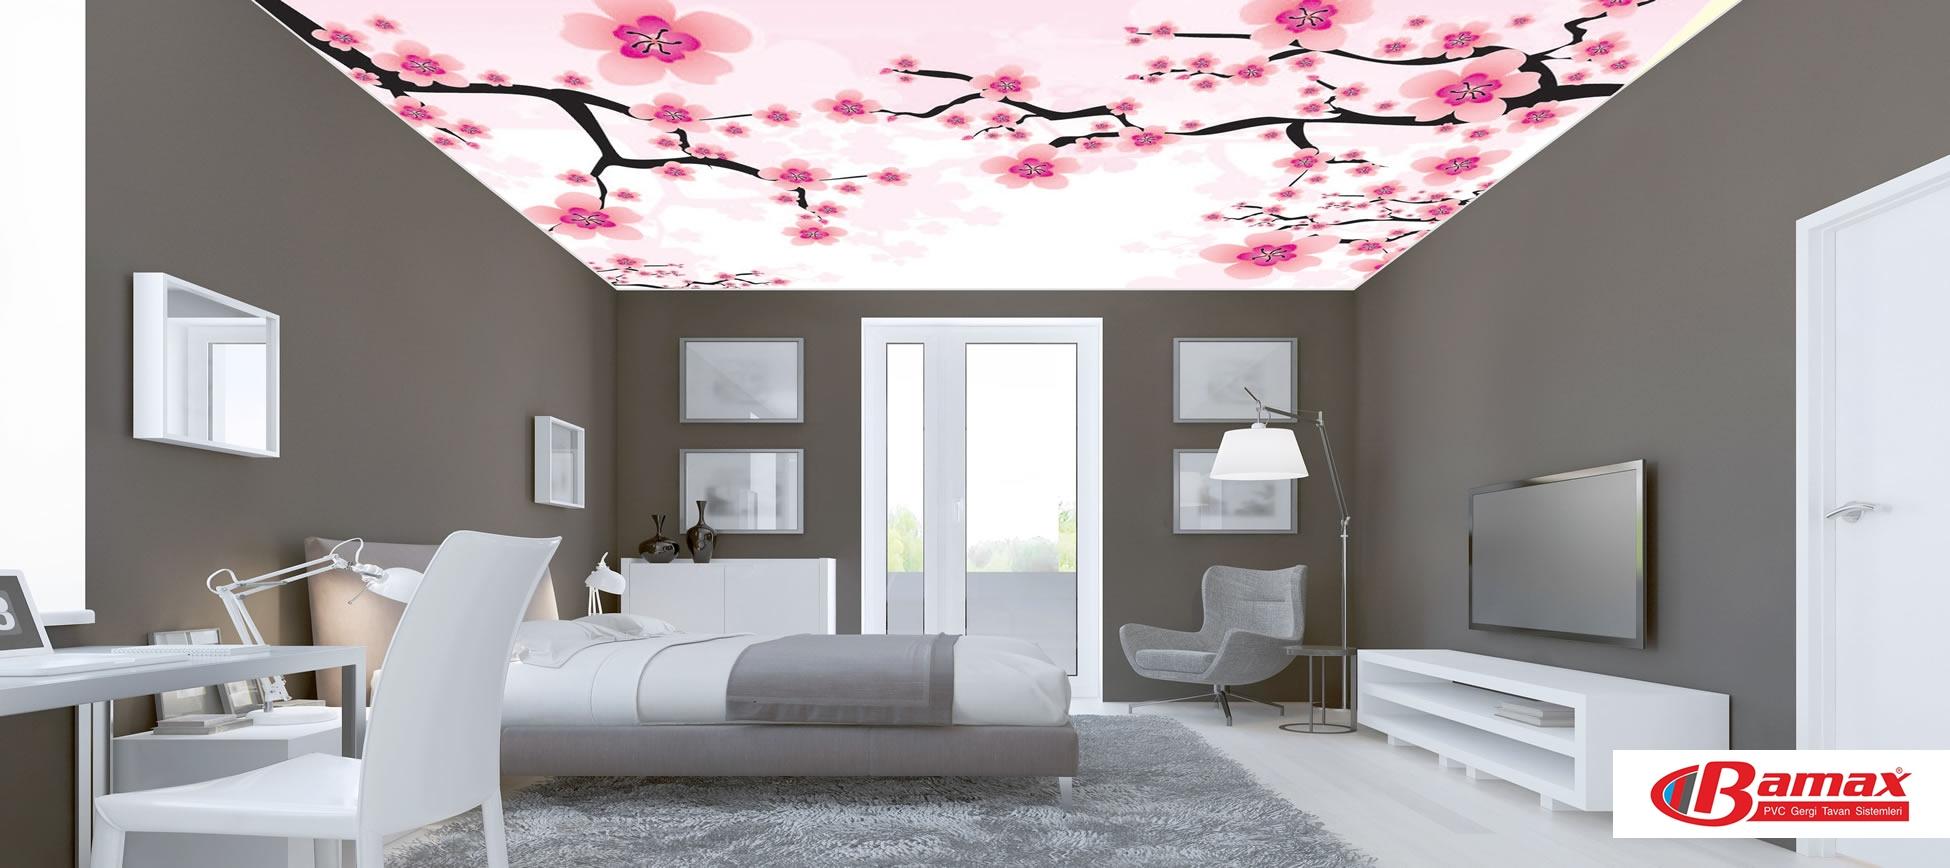 Dijital baskı gergi tavan, Gergi Tavan, ev tavan dekorasyonu